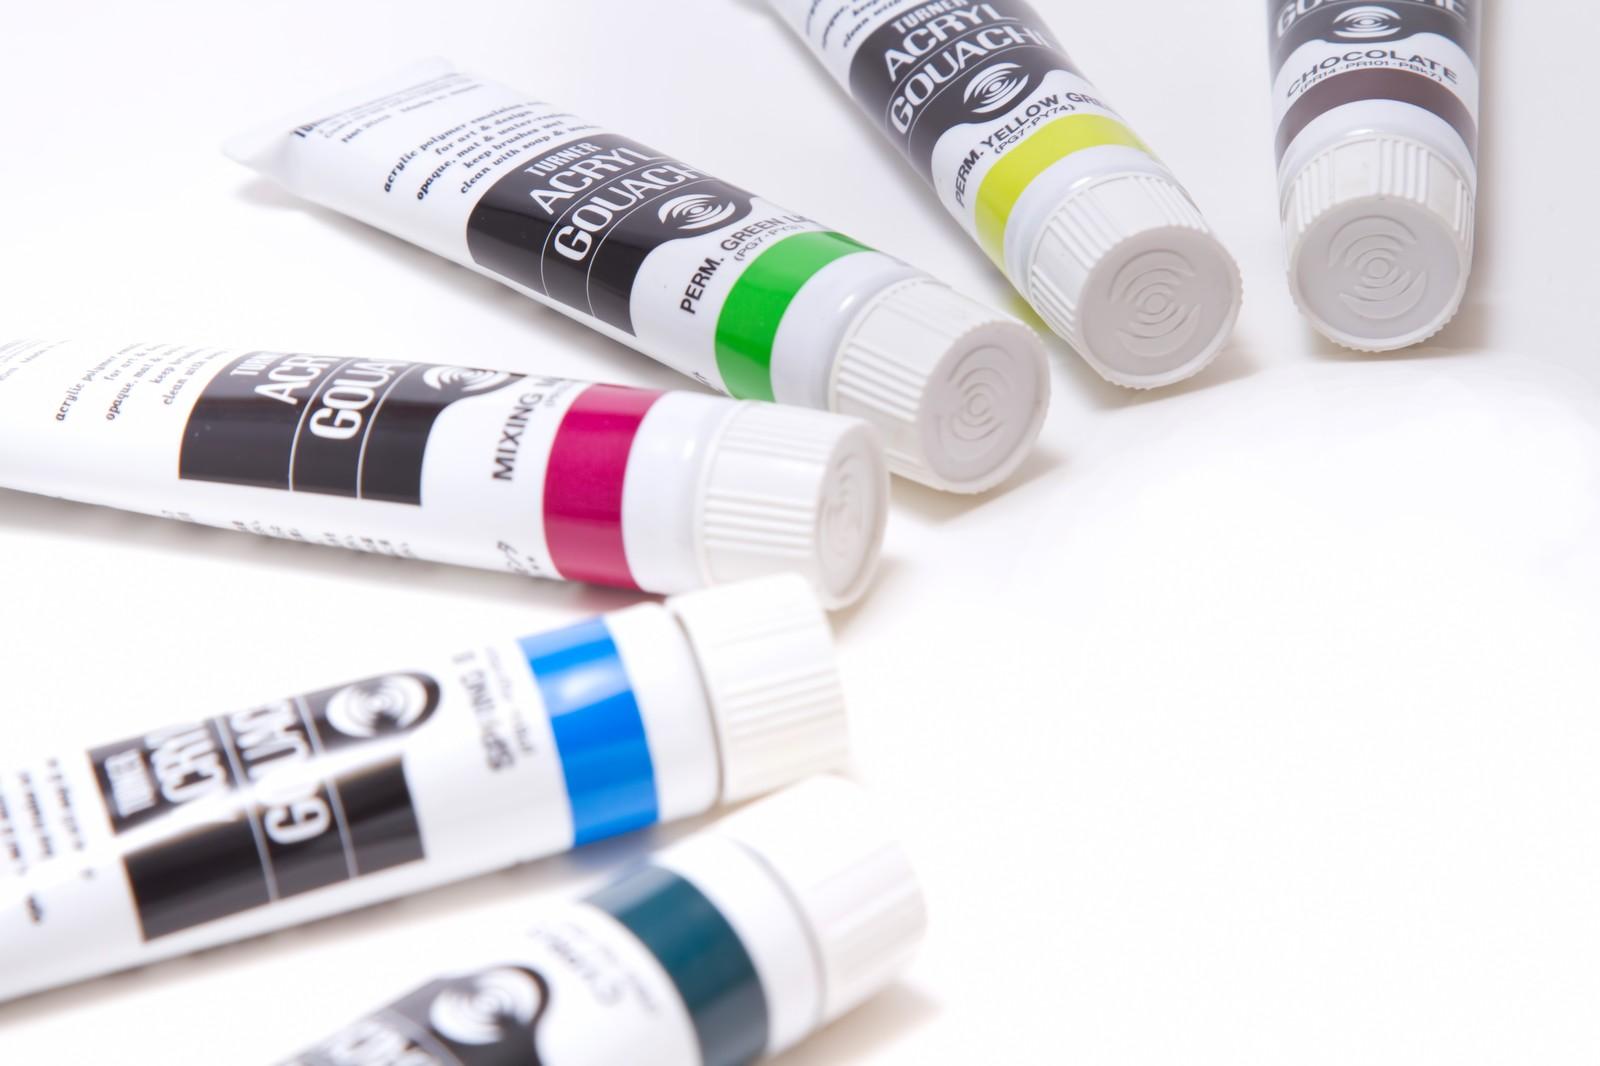 インスタ(Instagram)のDMの色を戻す&変える方法はある?のサムネイル画像